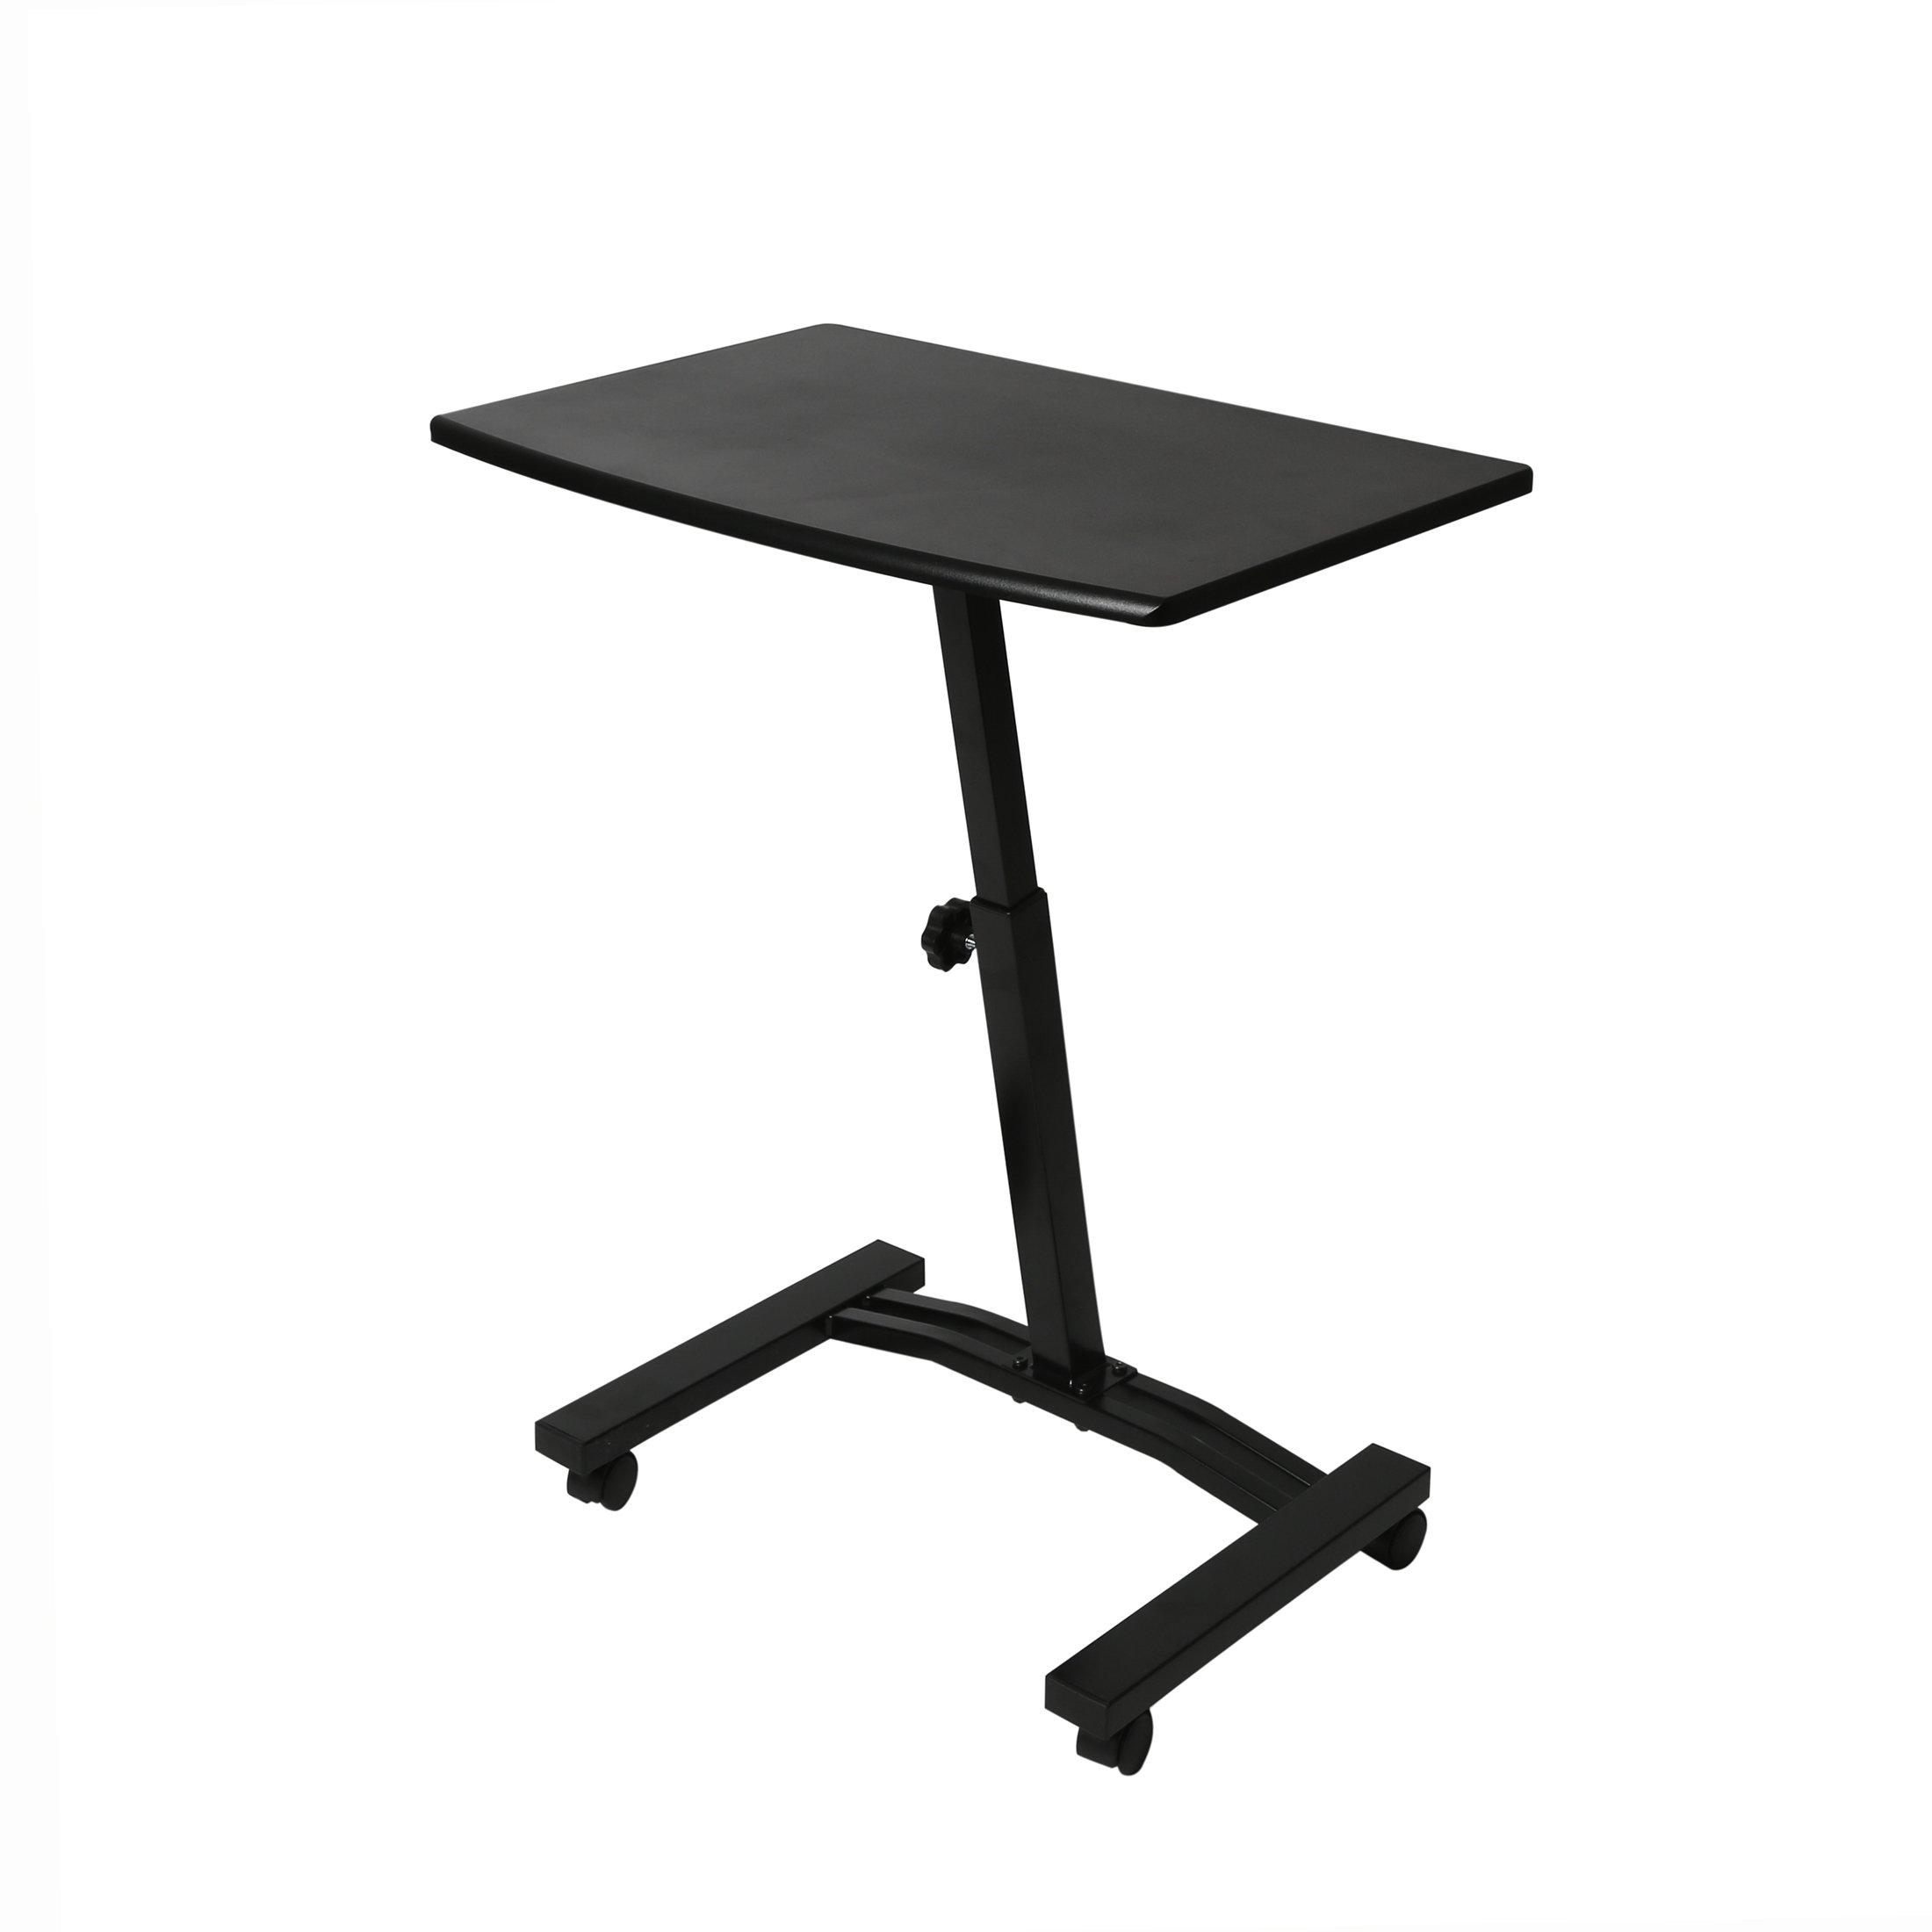 Seville Classics OFF65854 Mobile Laptop Sit Stand Computer Desk, 20.5'' x 33'', Black